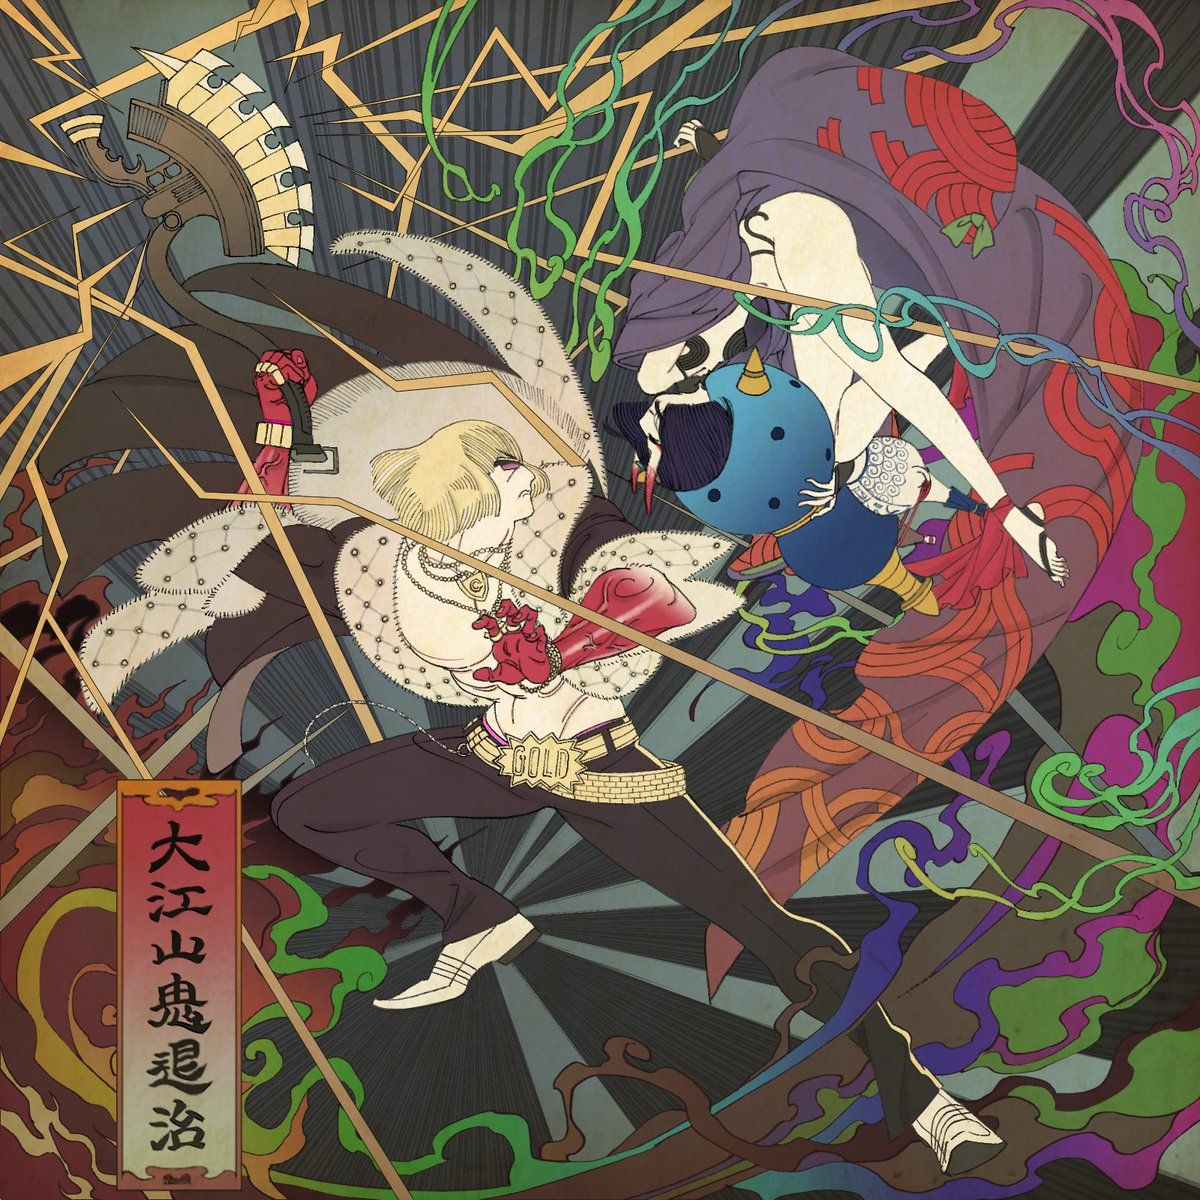 Fgo酒呑童子と坂田金時の浮世絵風イラストがカッコいいと話題に